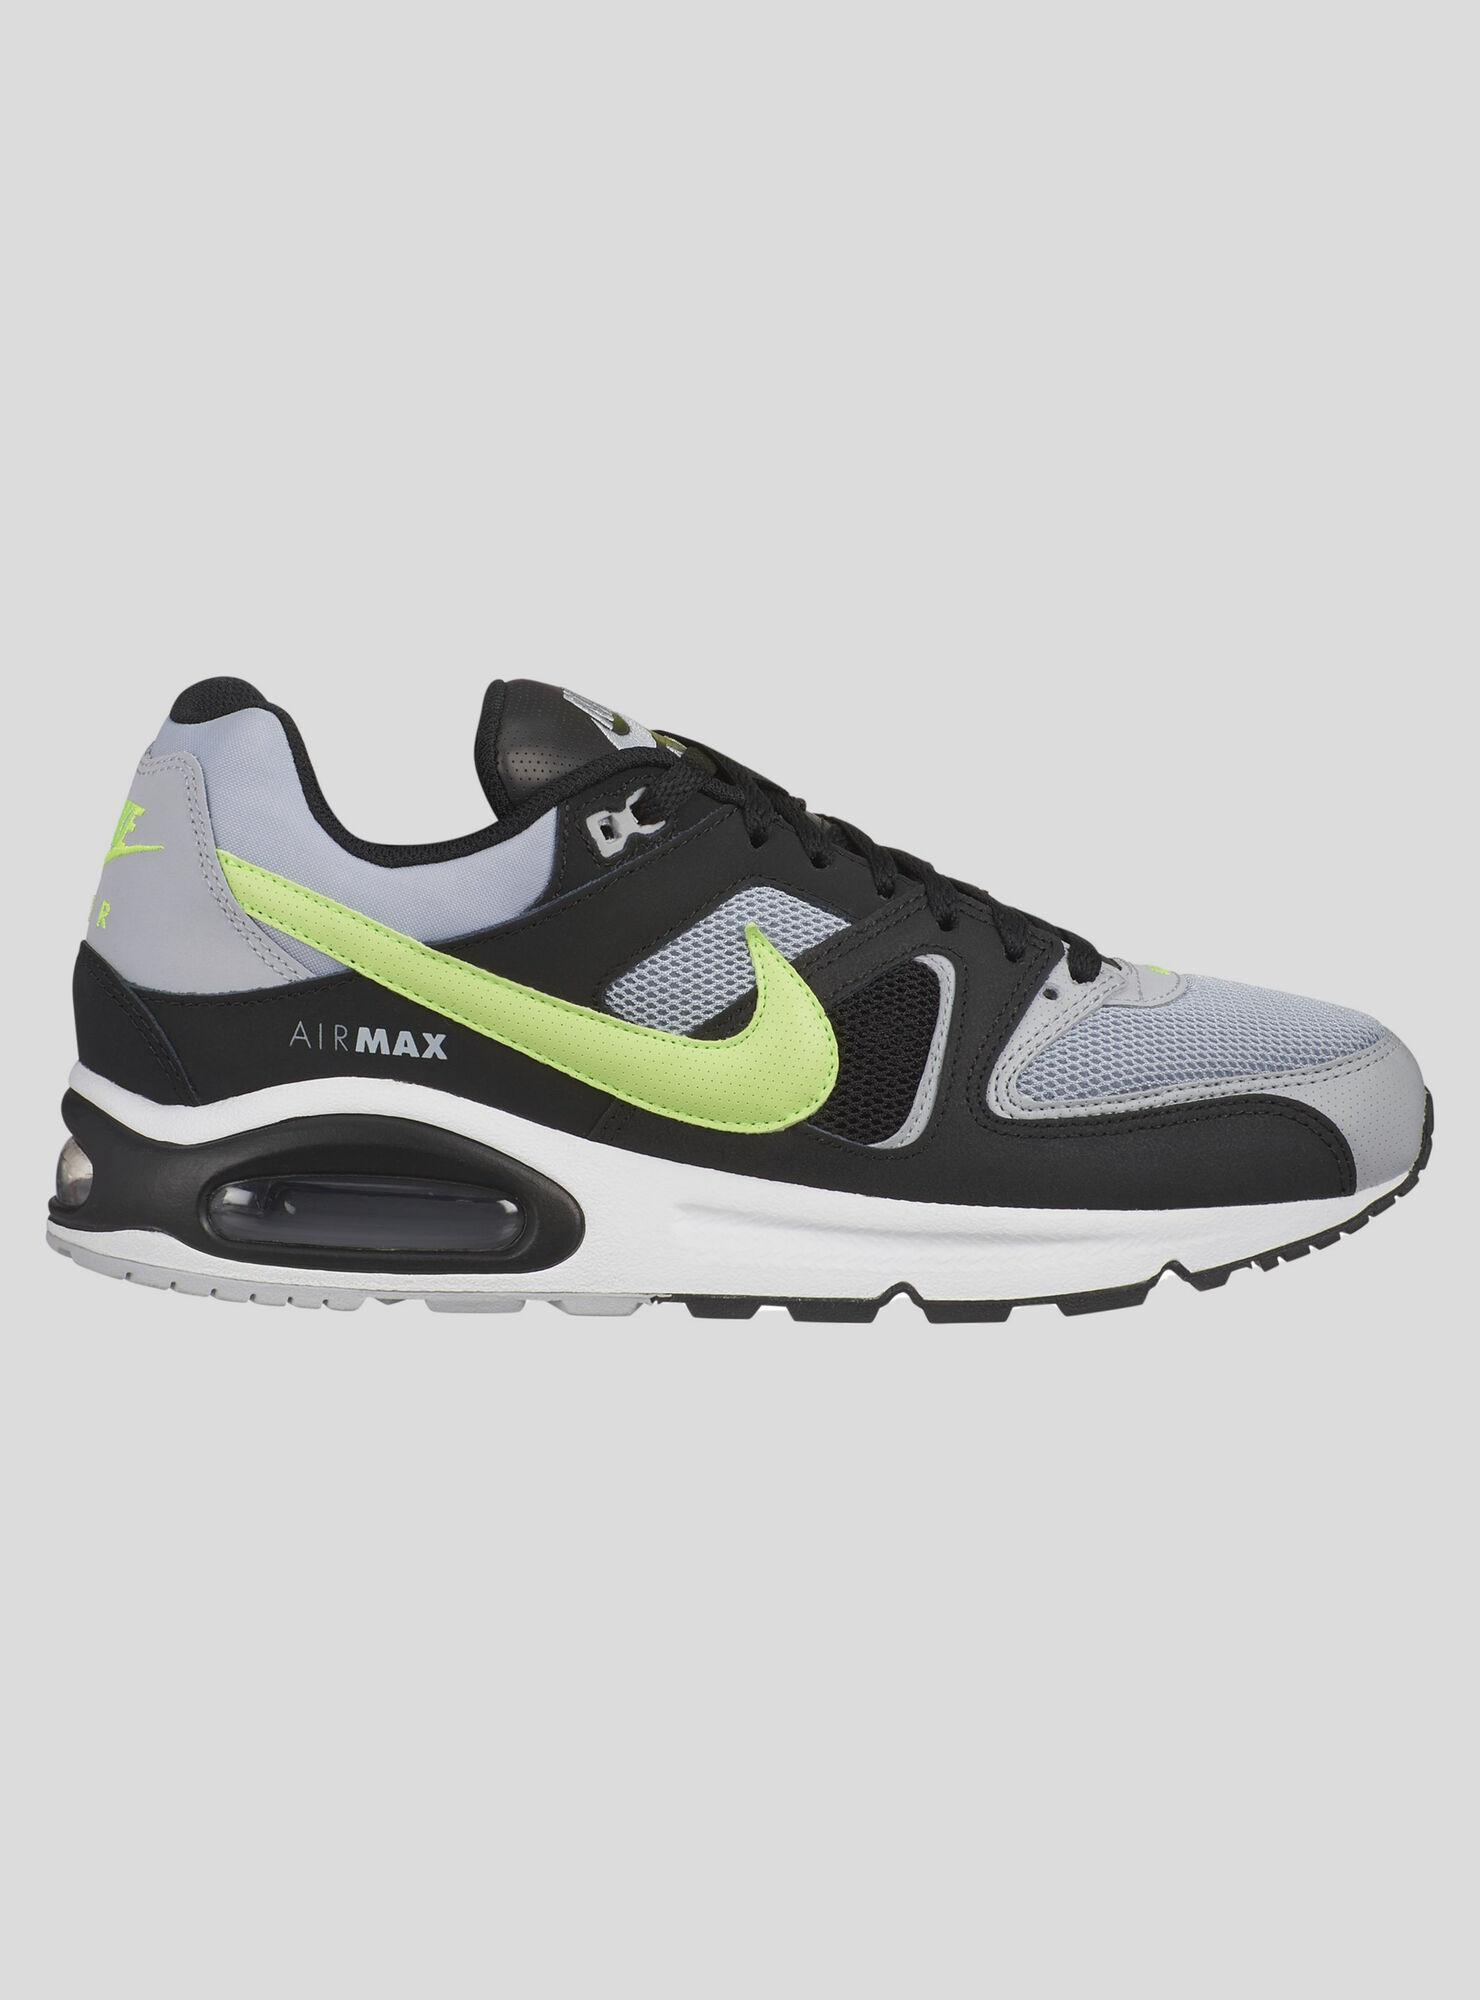 da24ce9a Zapatilla Nike Air Max Command Urbana Hombre en Zapatillas Hombre ...